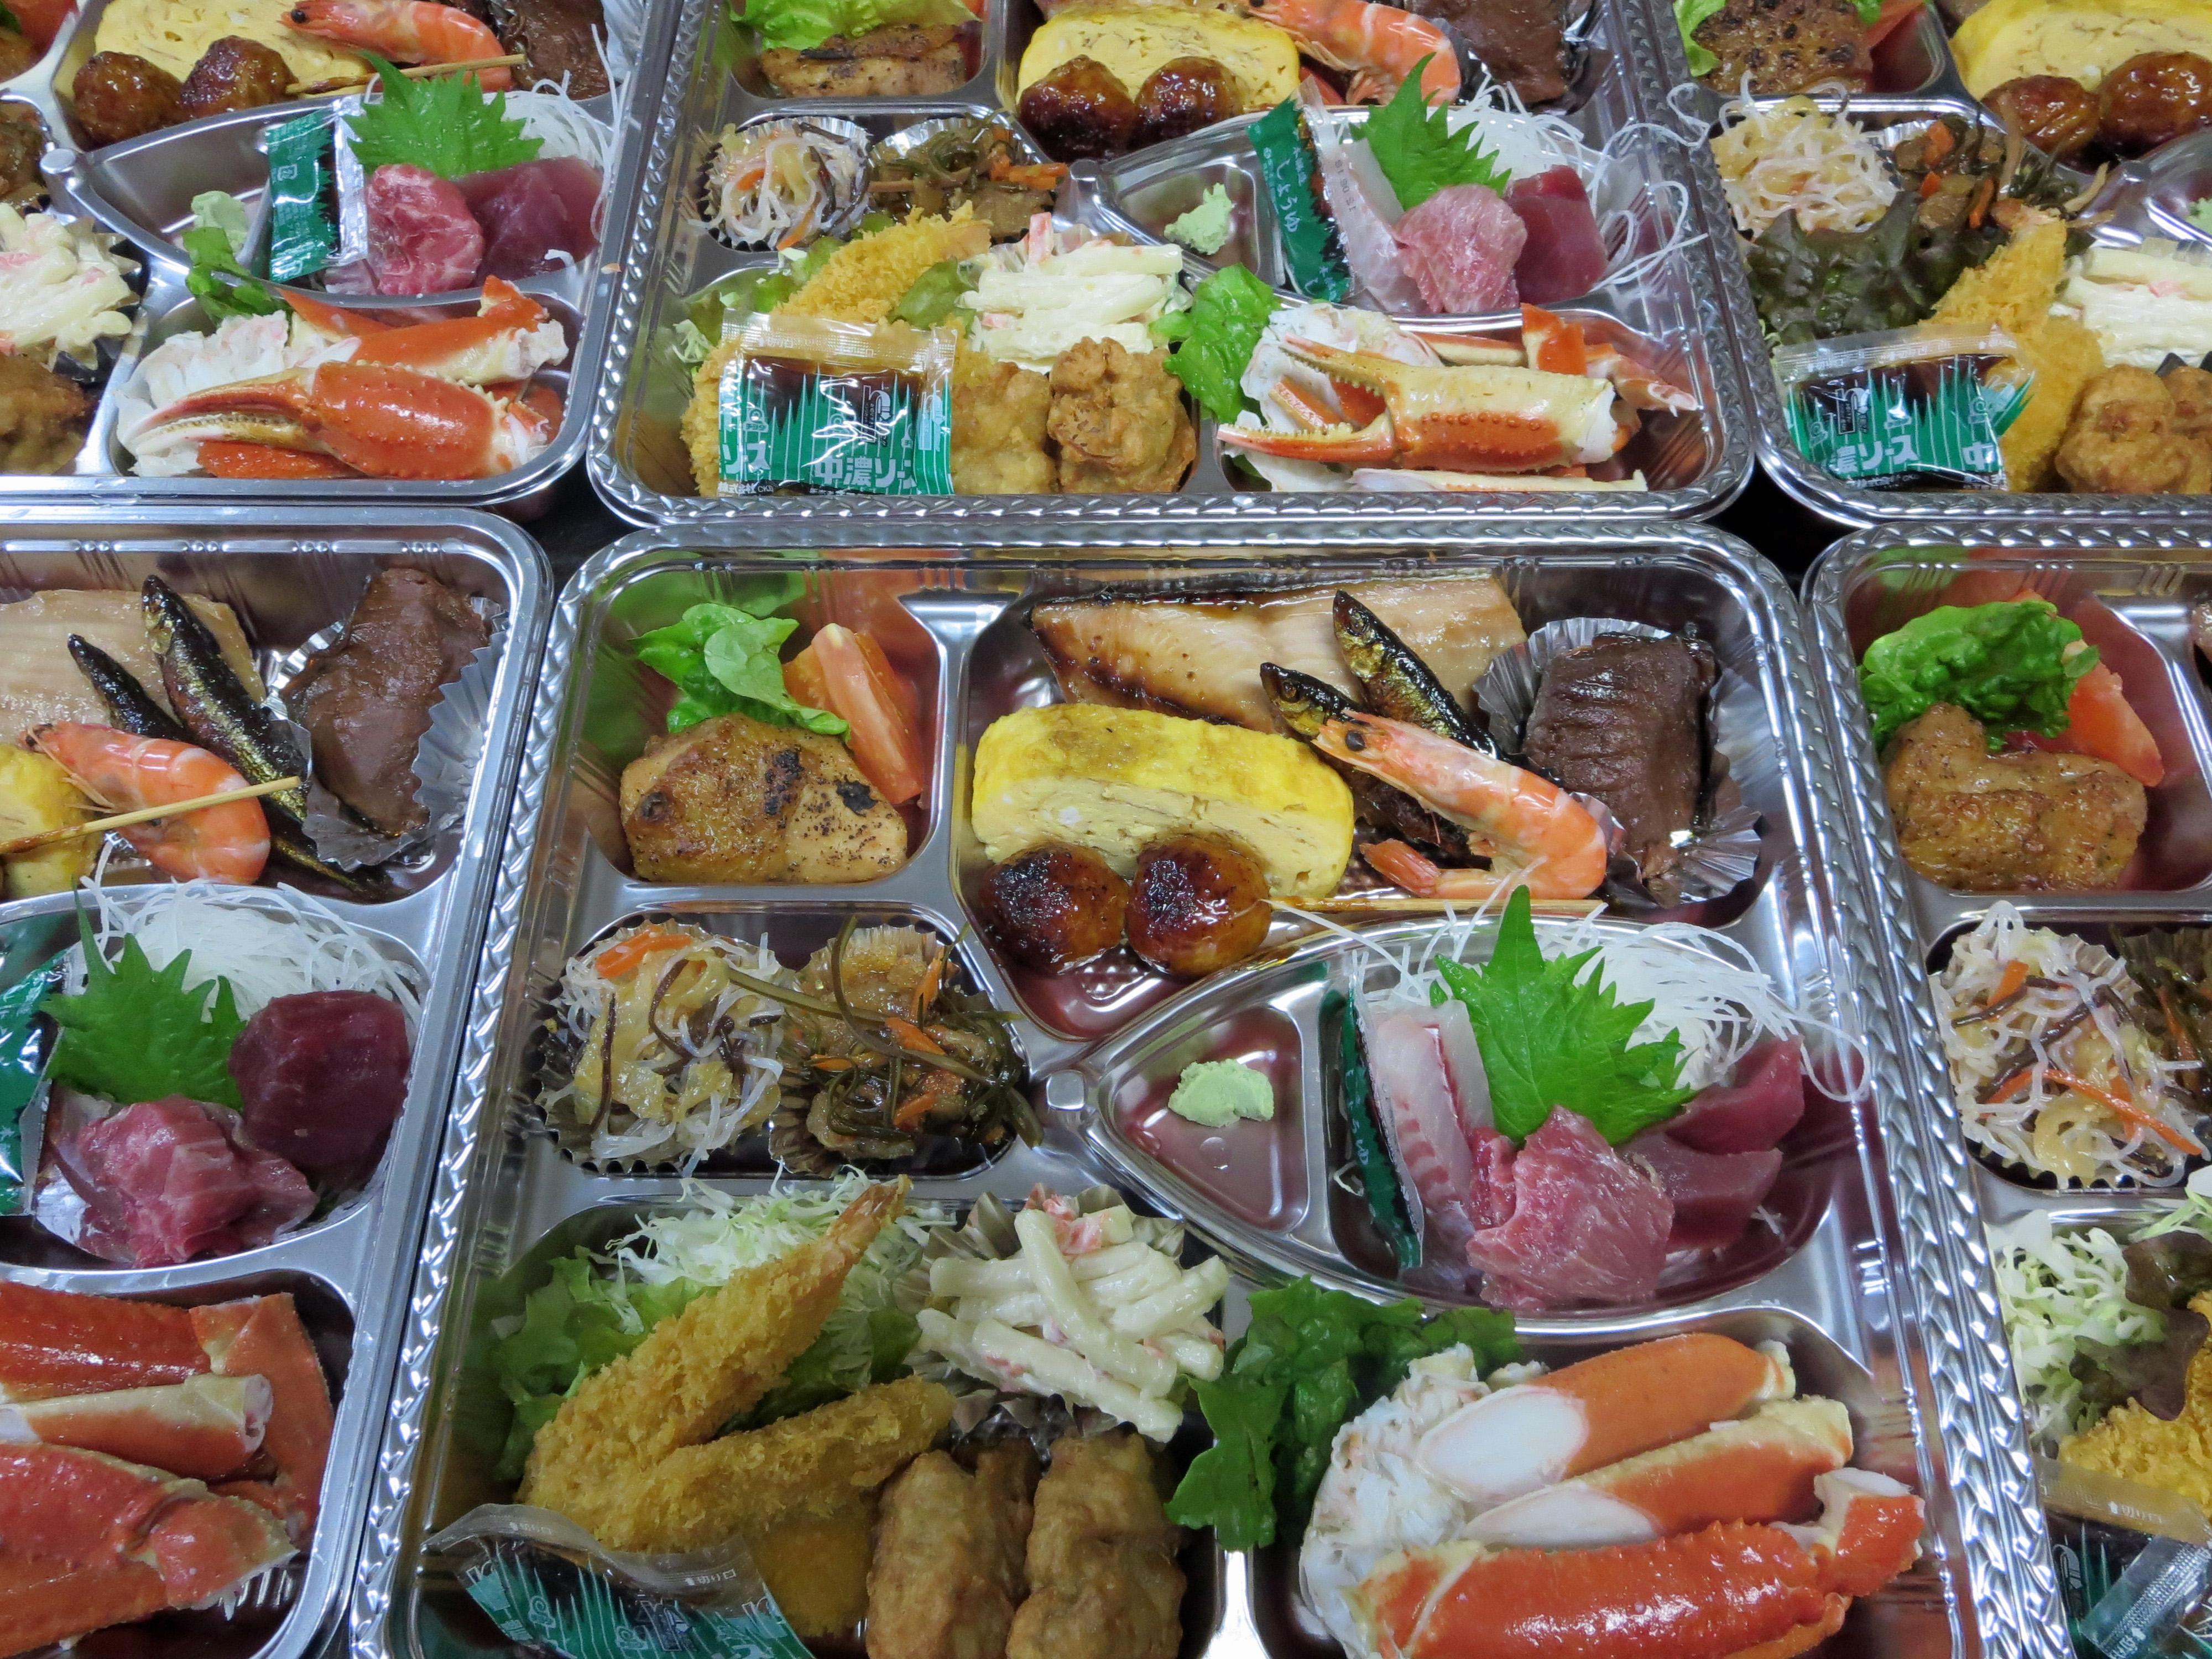 料理折 忘新年会プラン 新潟県村上市 いそべ食堂